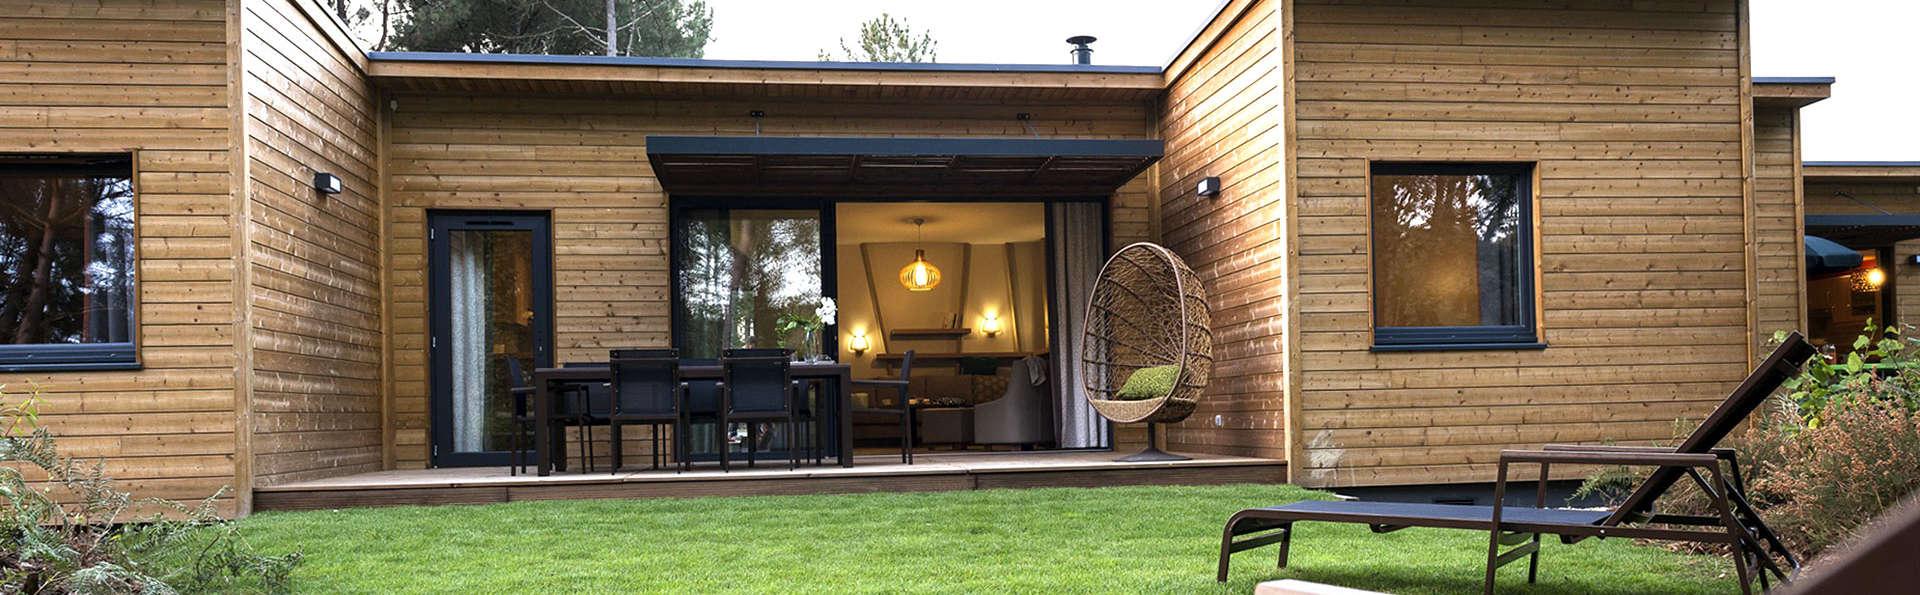 Week-end en cottage premium jusqu'à 4 personnes au Center Parcs Domaine du Bois aux Daims (3 nuits)